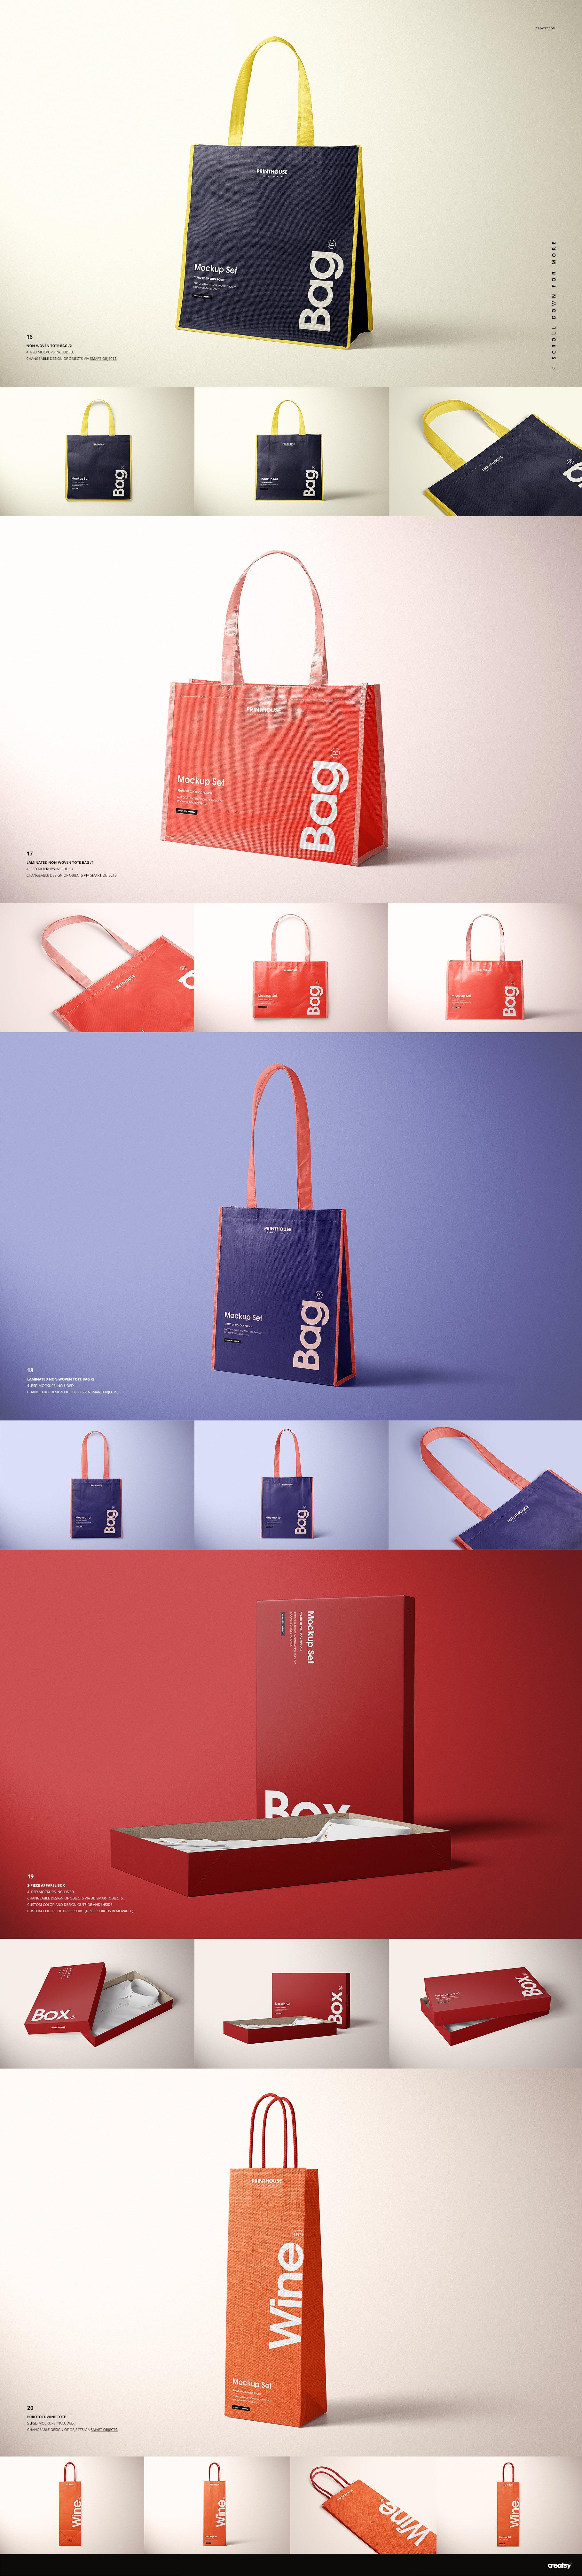 [淘宝购买] 273款时尚购物手提纸袋快递气泡塑料袋纸箱设计贴图PSD样机 Printhouse Mockups Bundle v.1插图(8)